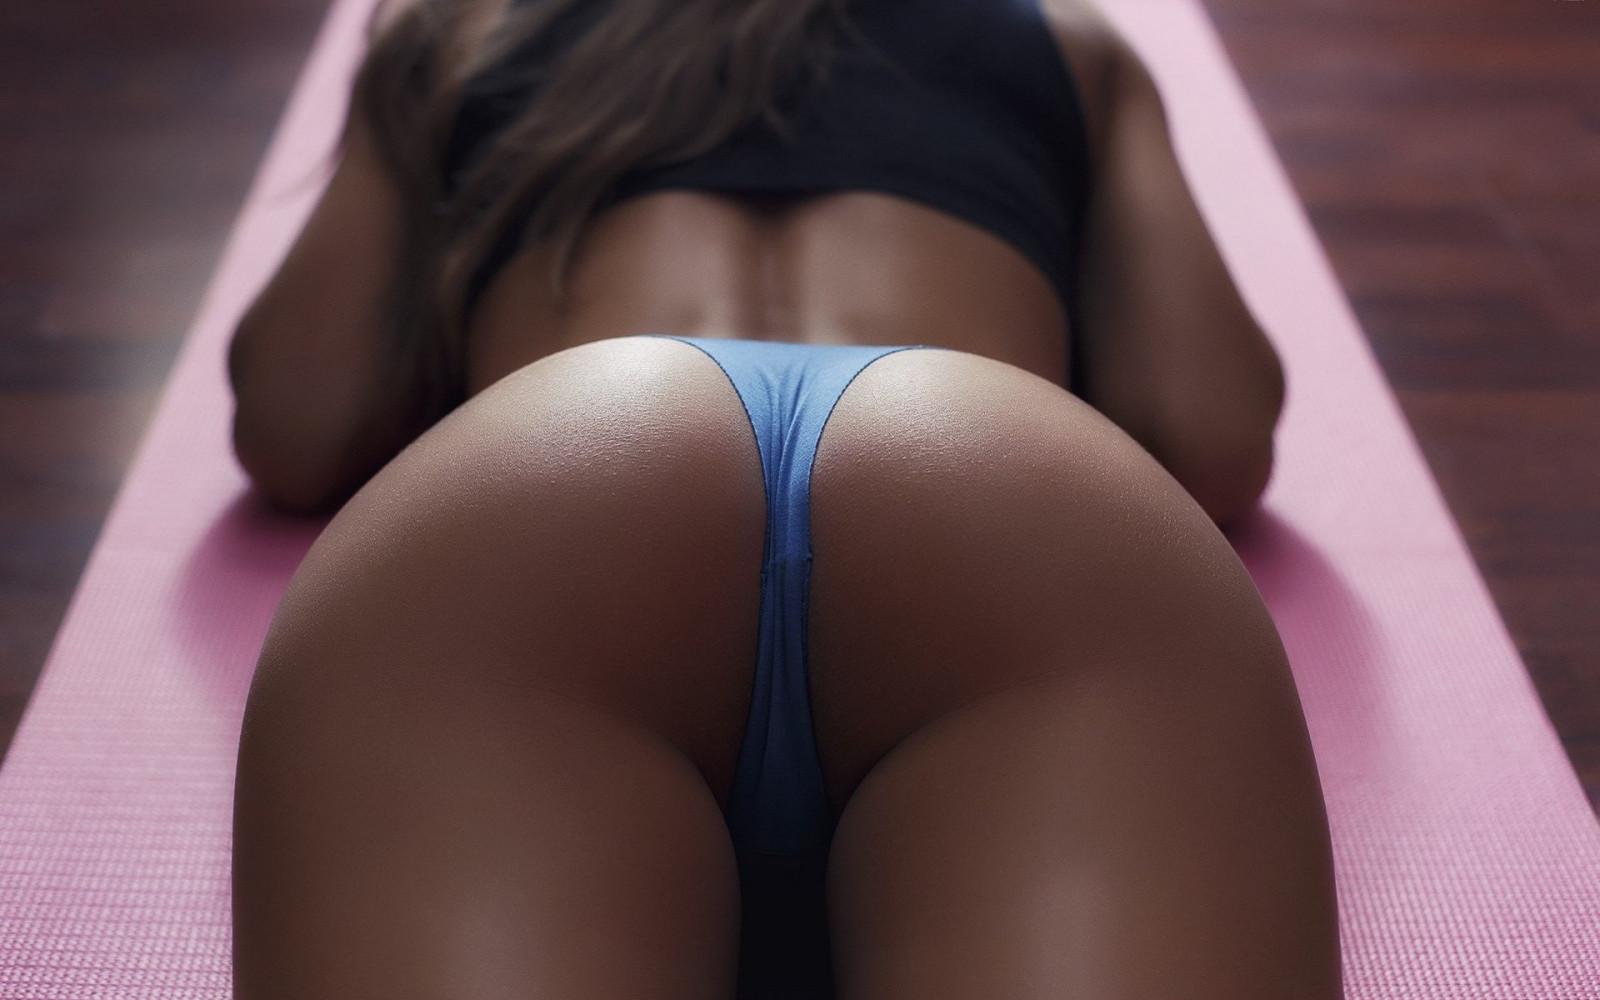 порно-фильм смотреть видео женские попы чувственные